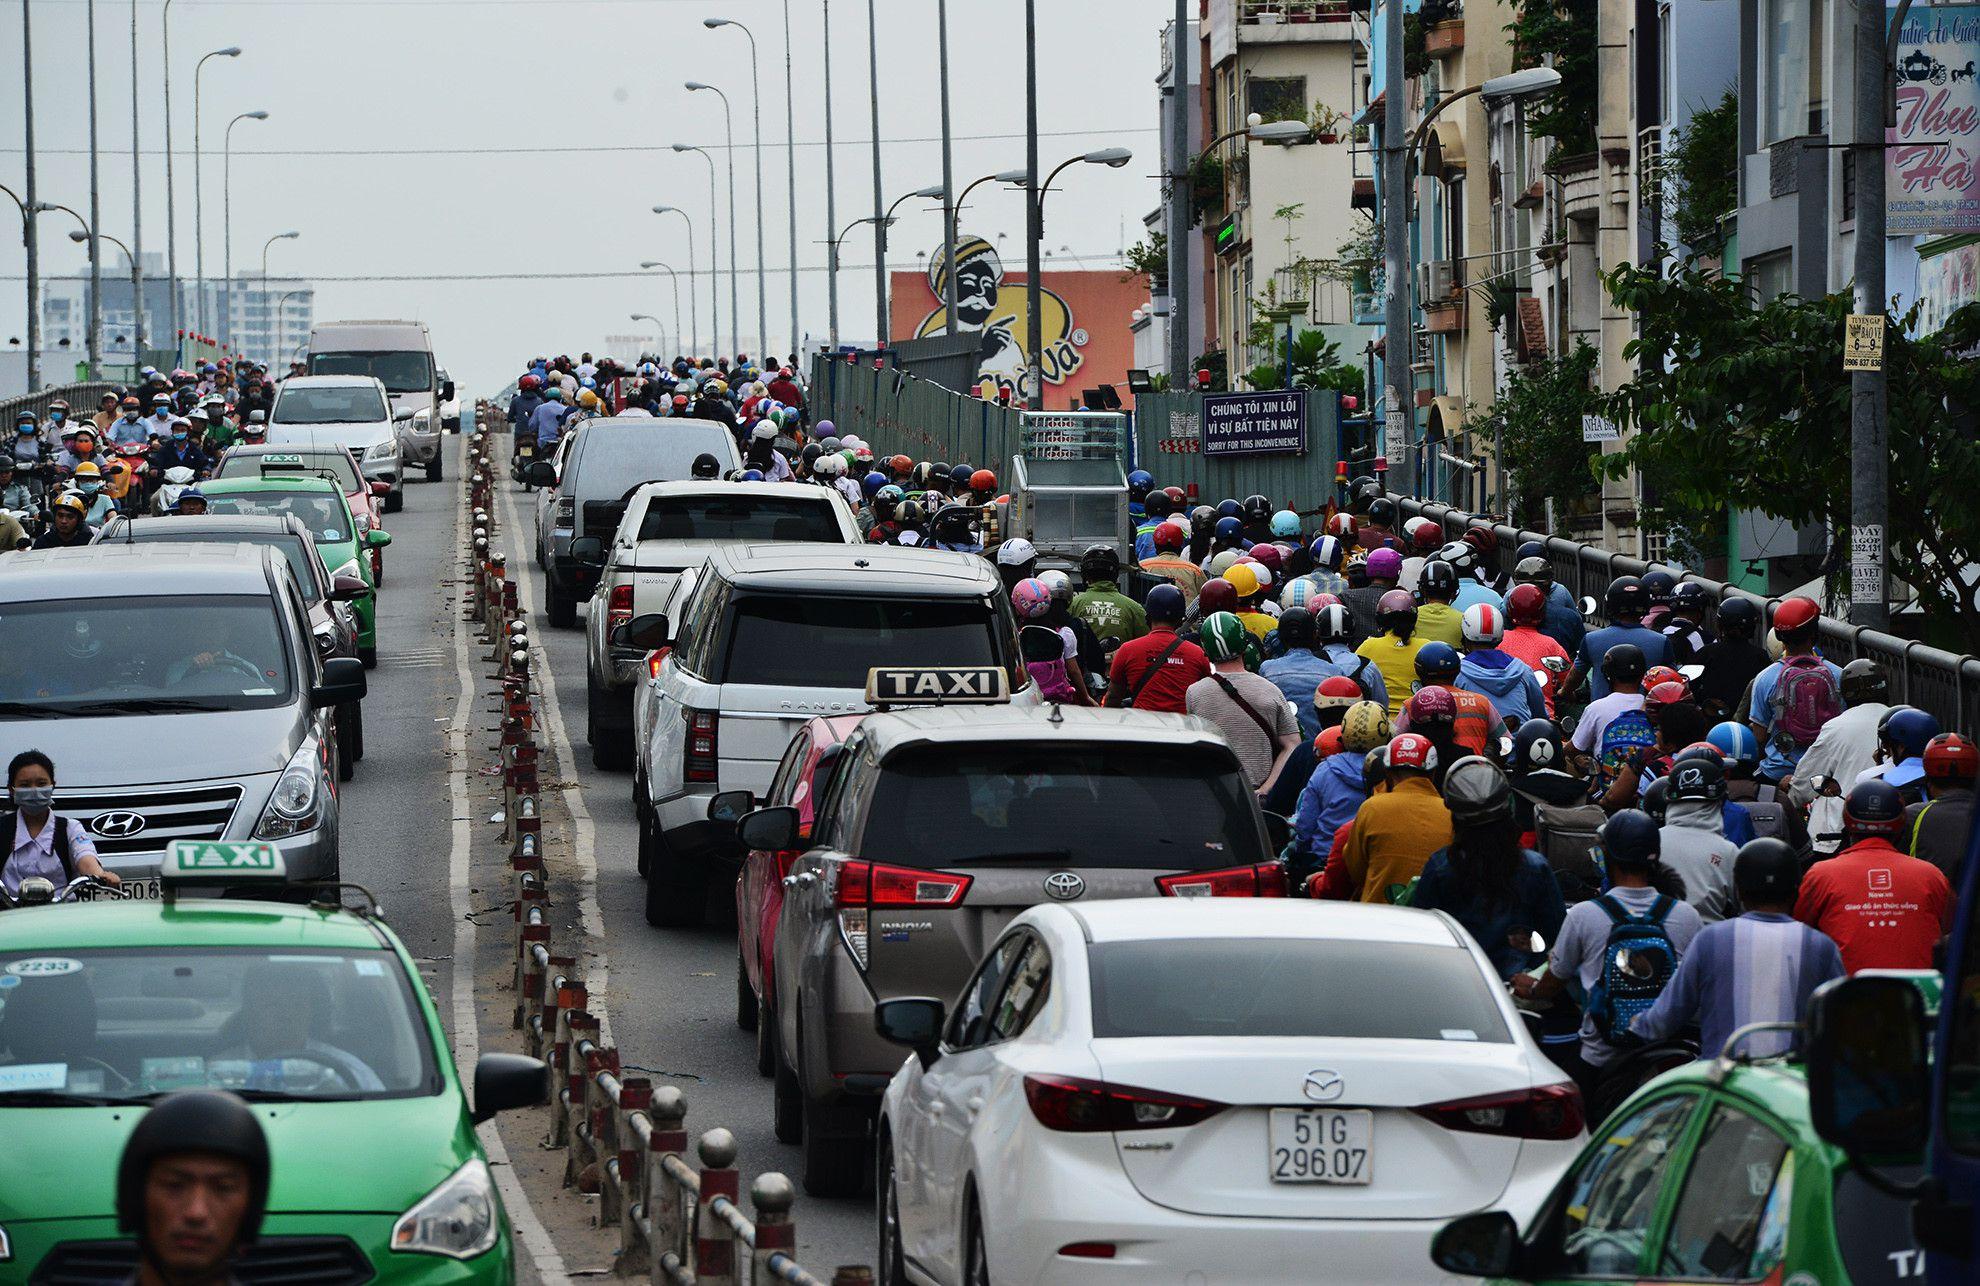 Cuối năm, lô cốt lại mọc lên khắp đường Sài Gòn Ảnh 9